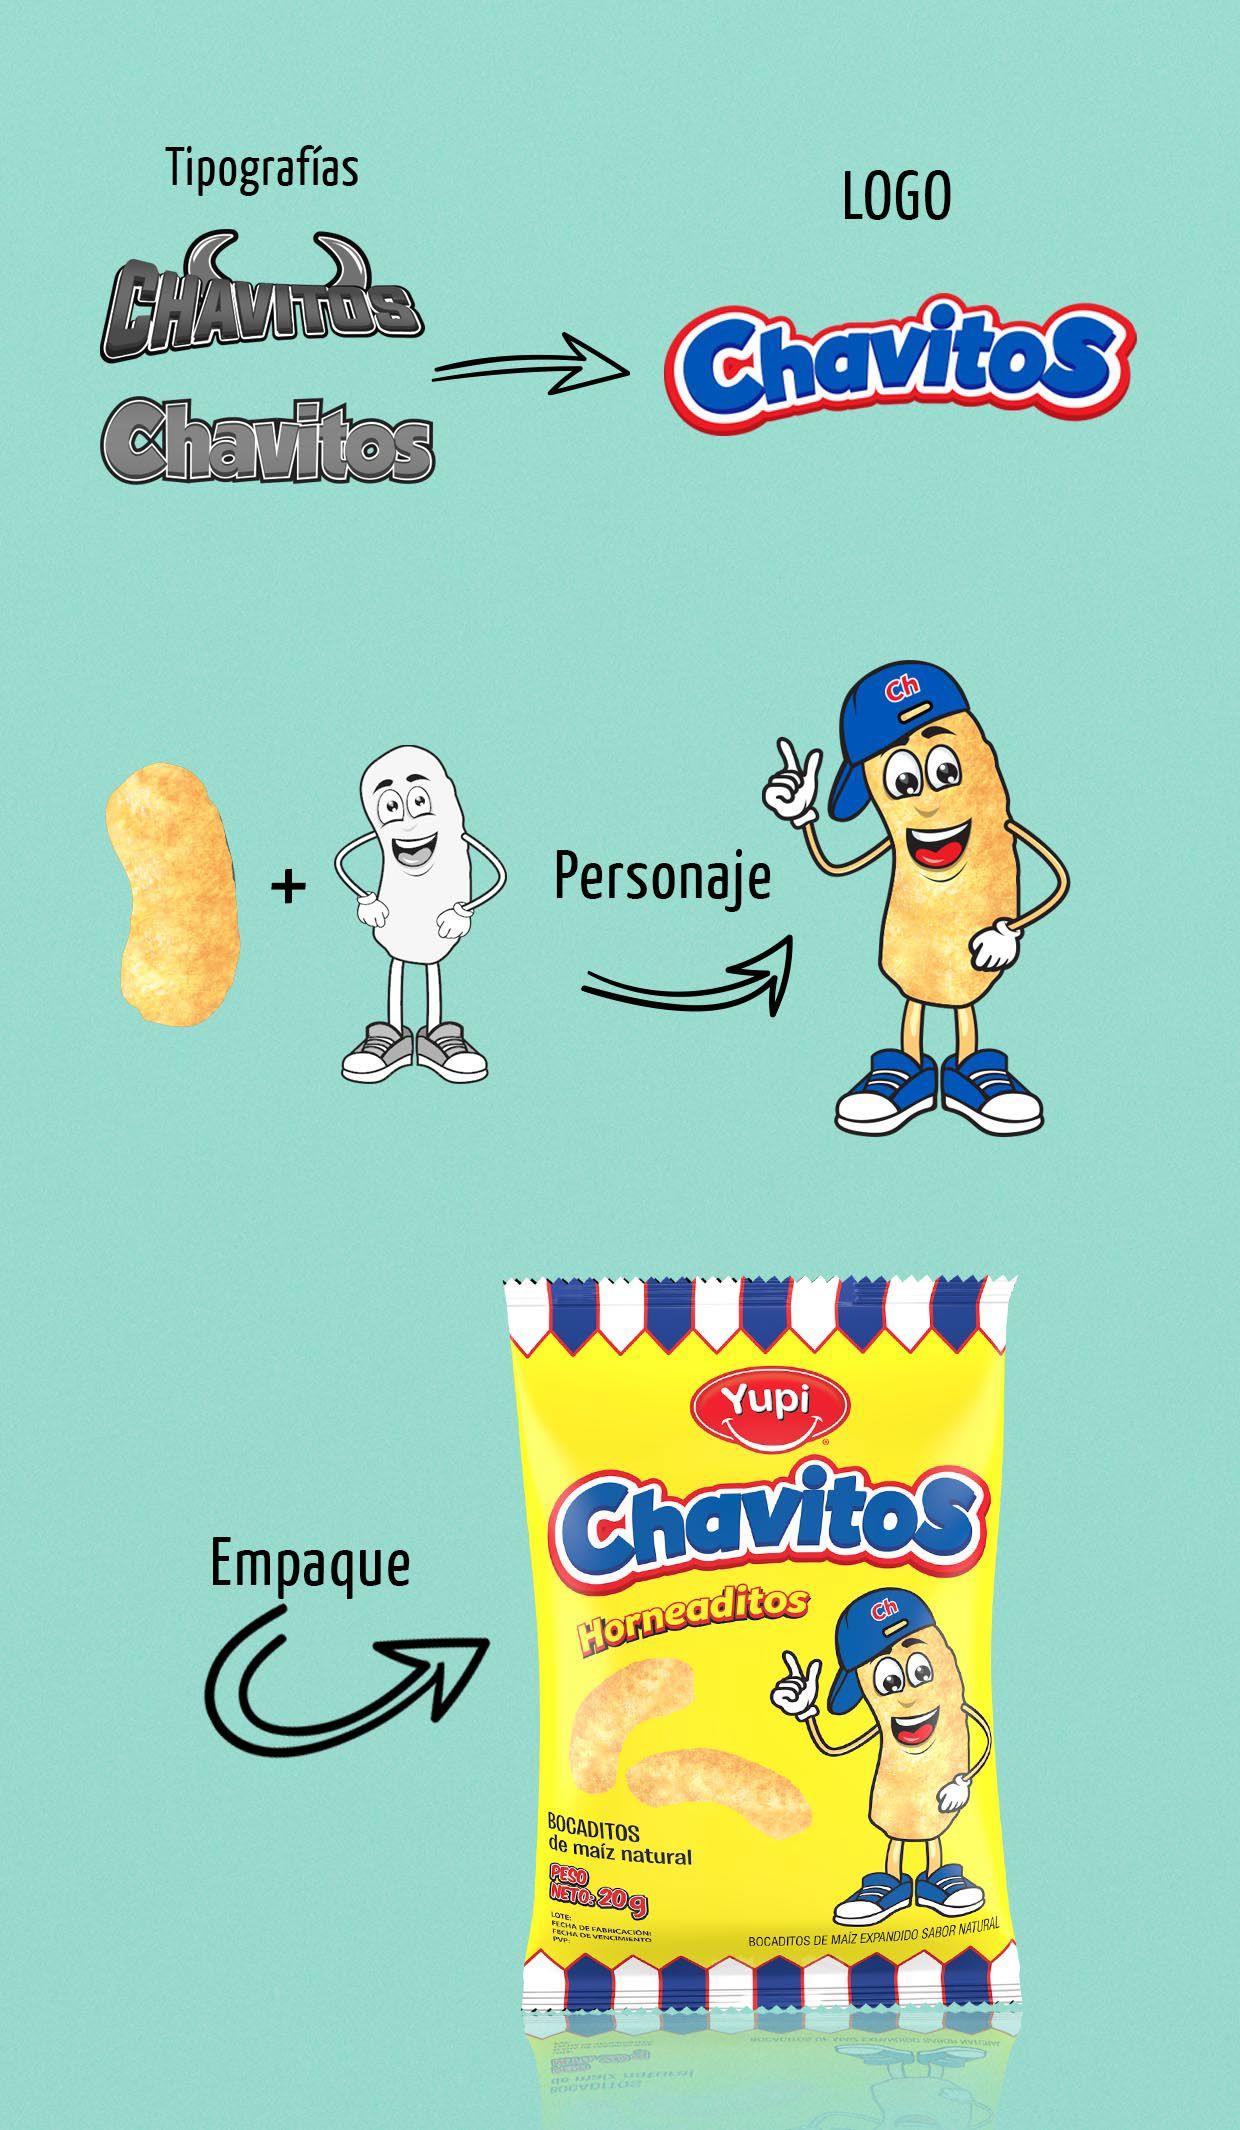 """Consulta mi proyecto @Behance: """"Realización de Logo, personaje y empaque de snack."""" https://www.behance.net/gallery/47061921/Realizacion-de-Logo-personaje-y-empaque-de-snack"""